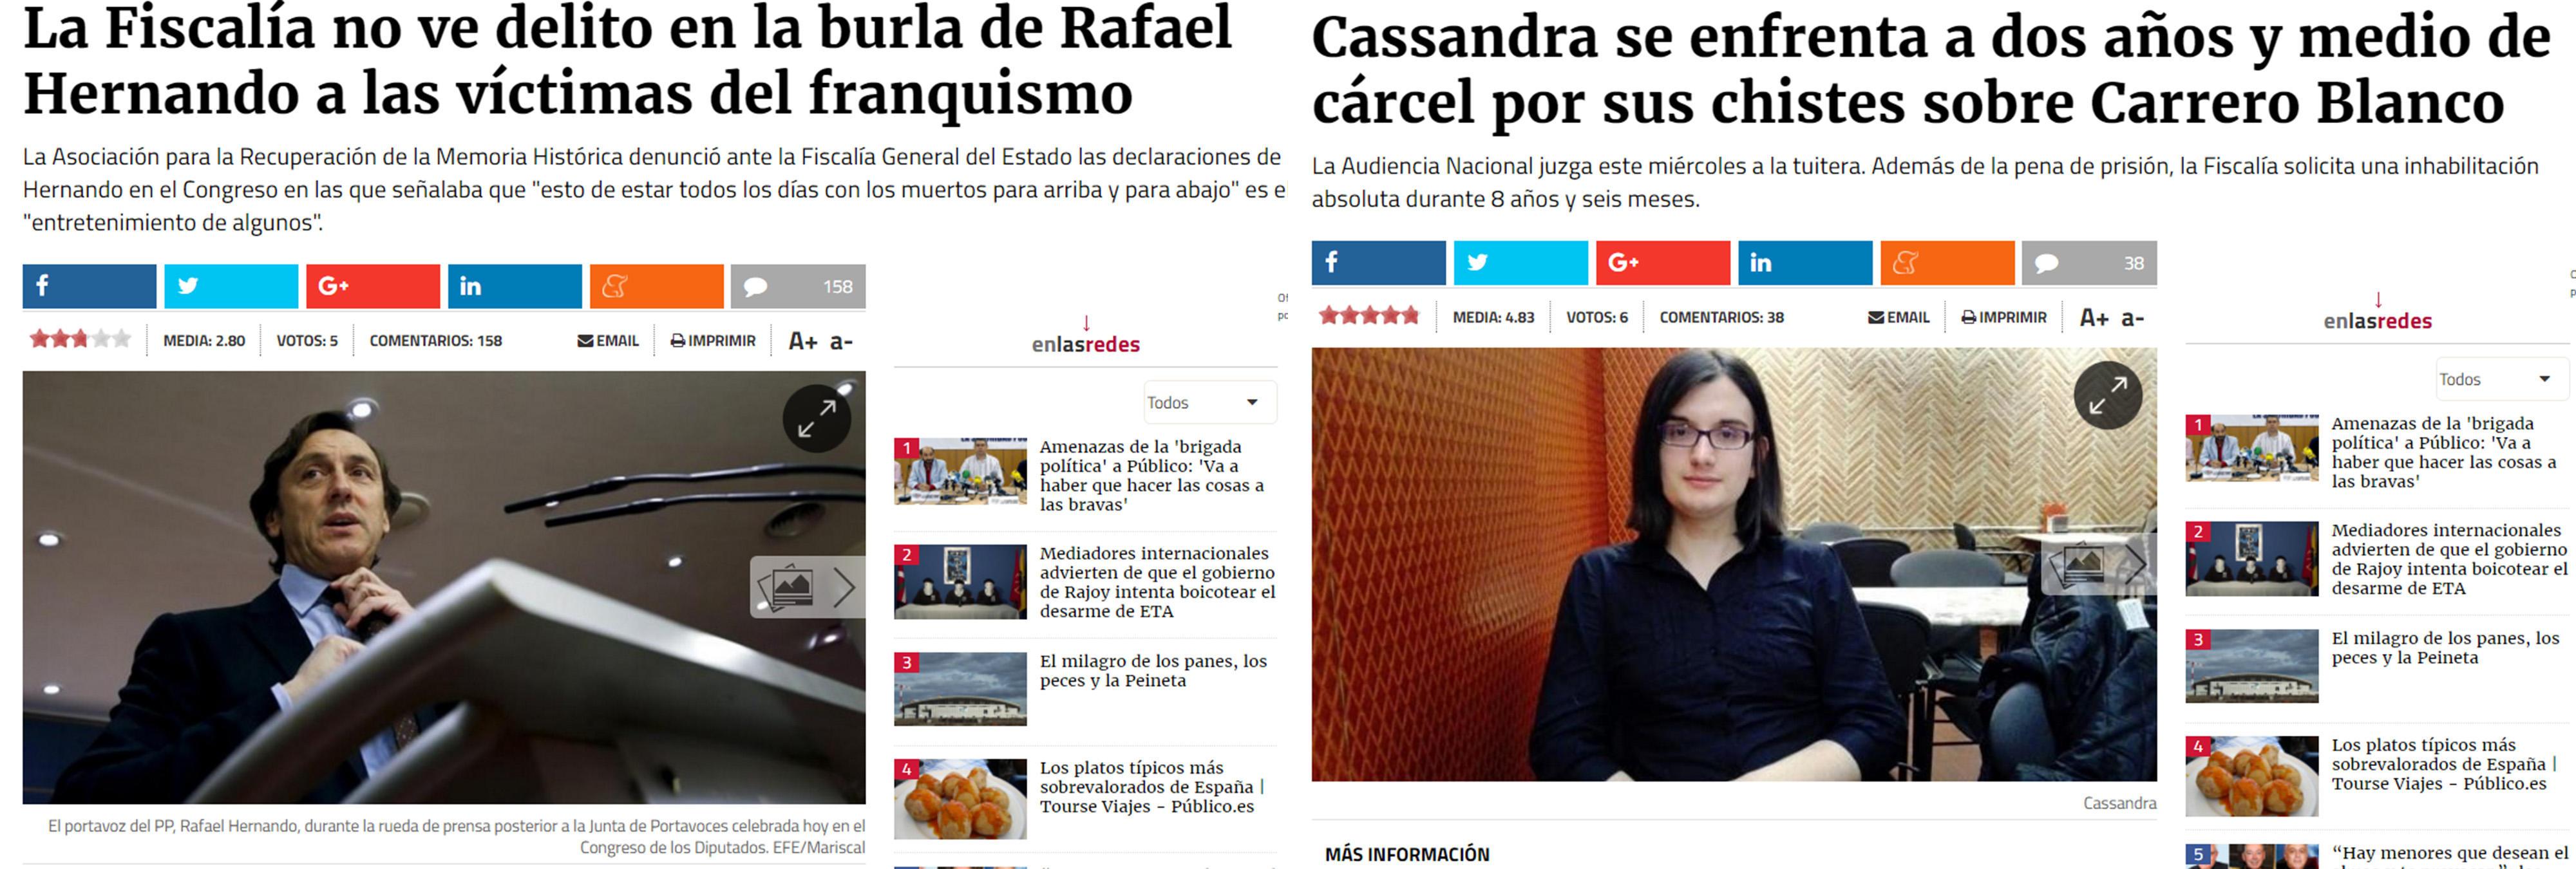 Las dos varas de medir de la Fiscalía: chistes de Carrero Blanco y menosprecio a las víctimas del franquismo